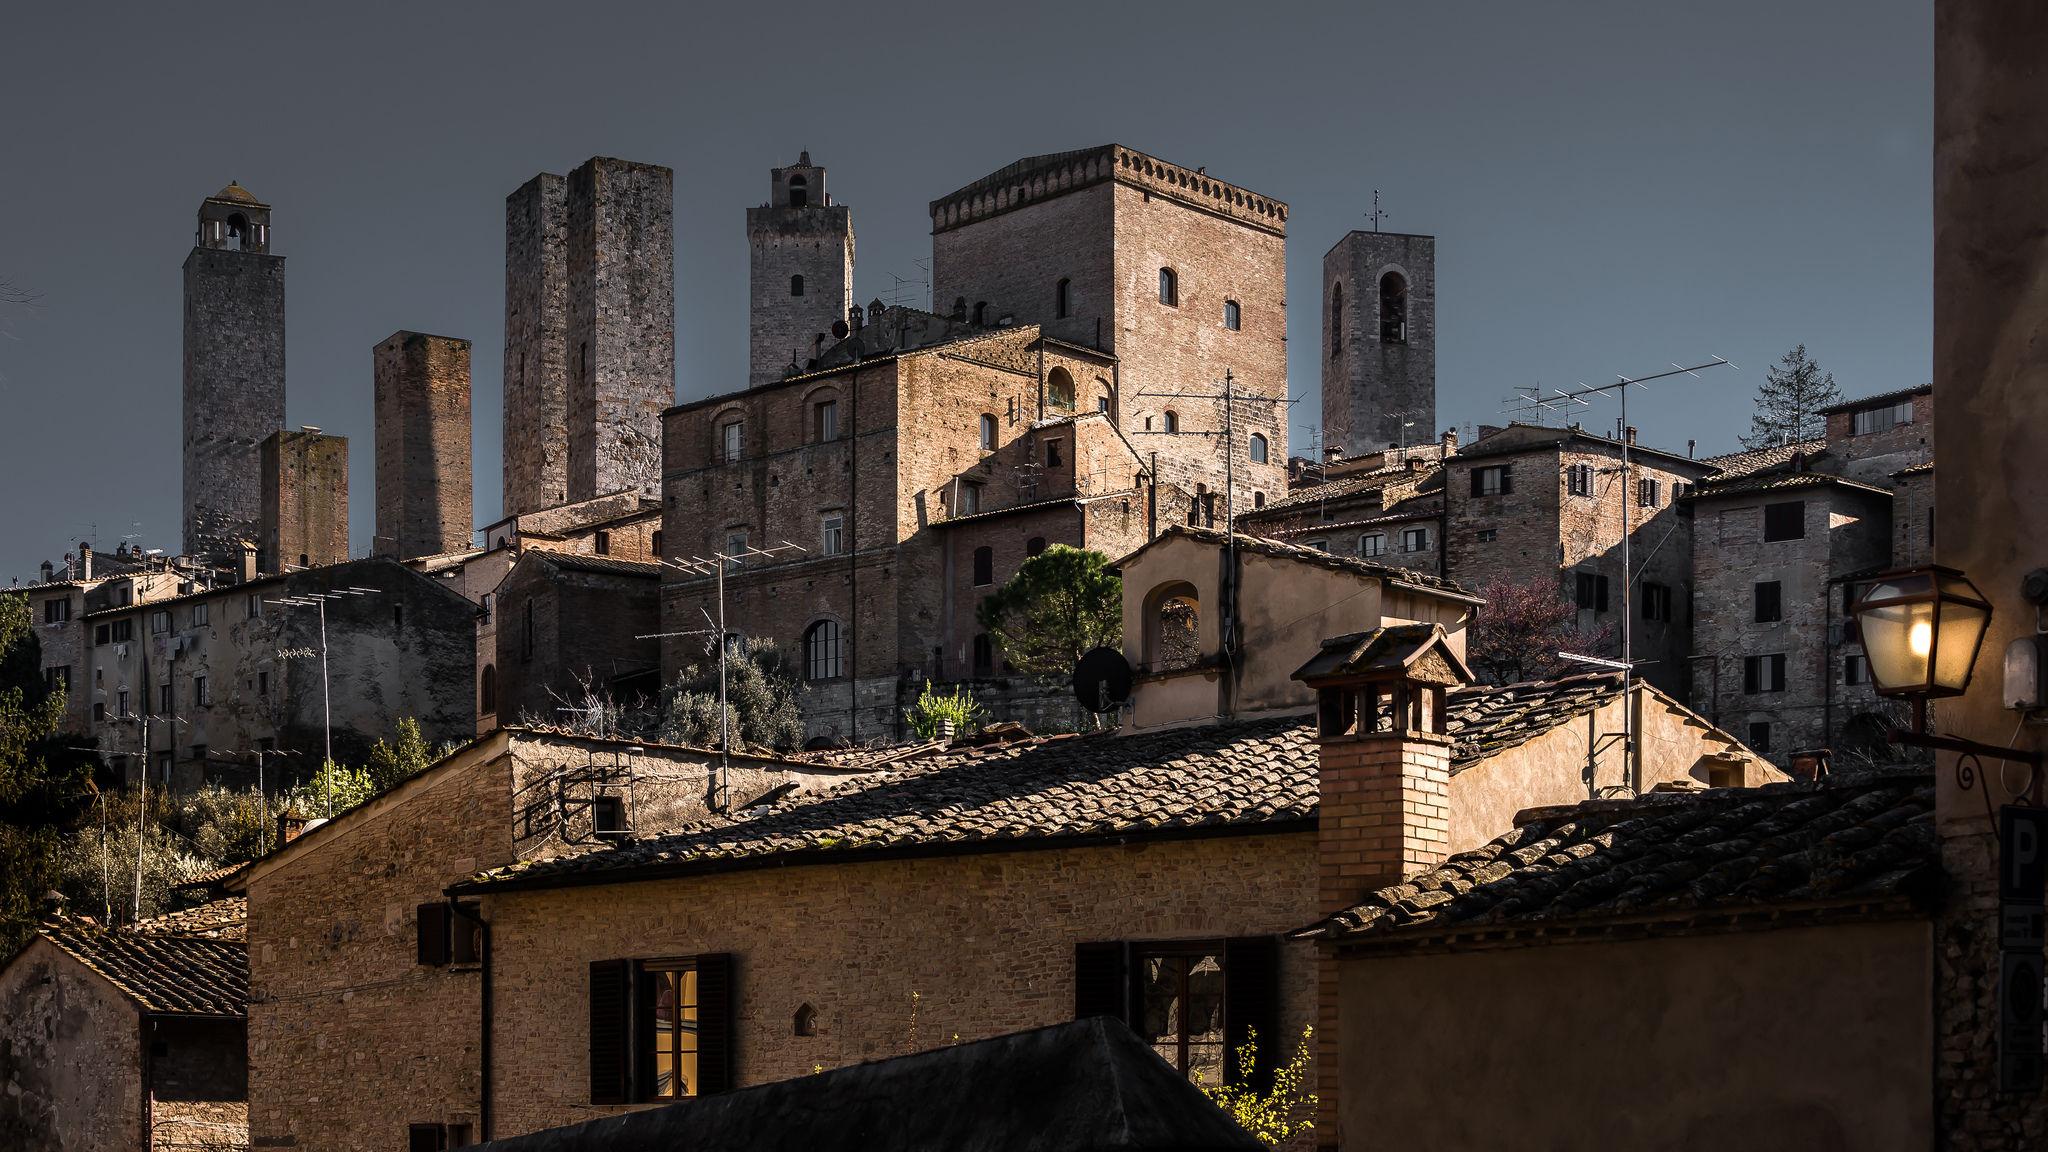 San Gimignano - Costellata di torri in un mare di colline